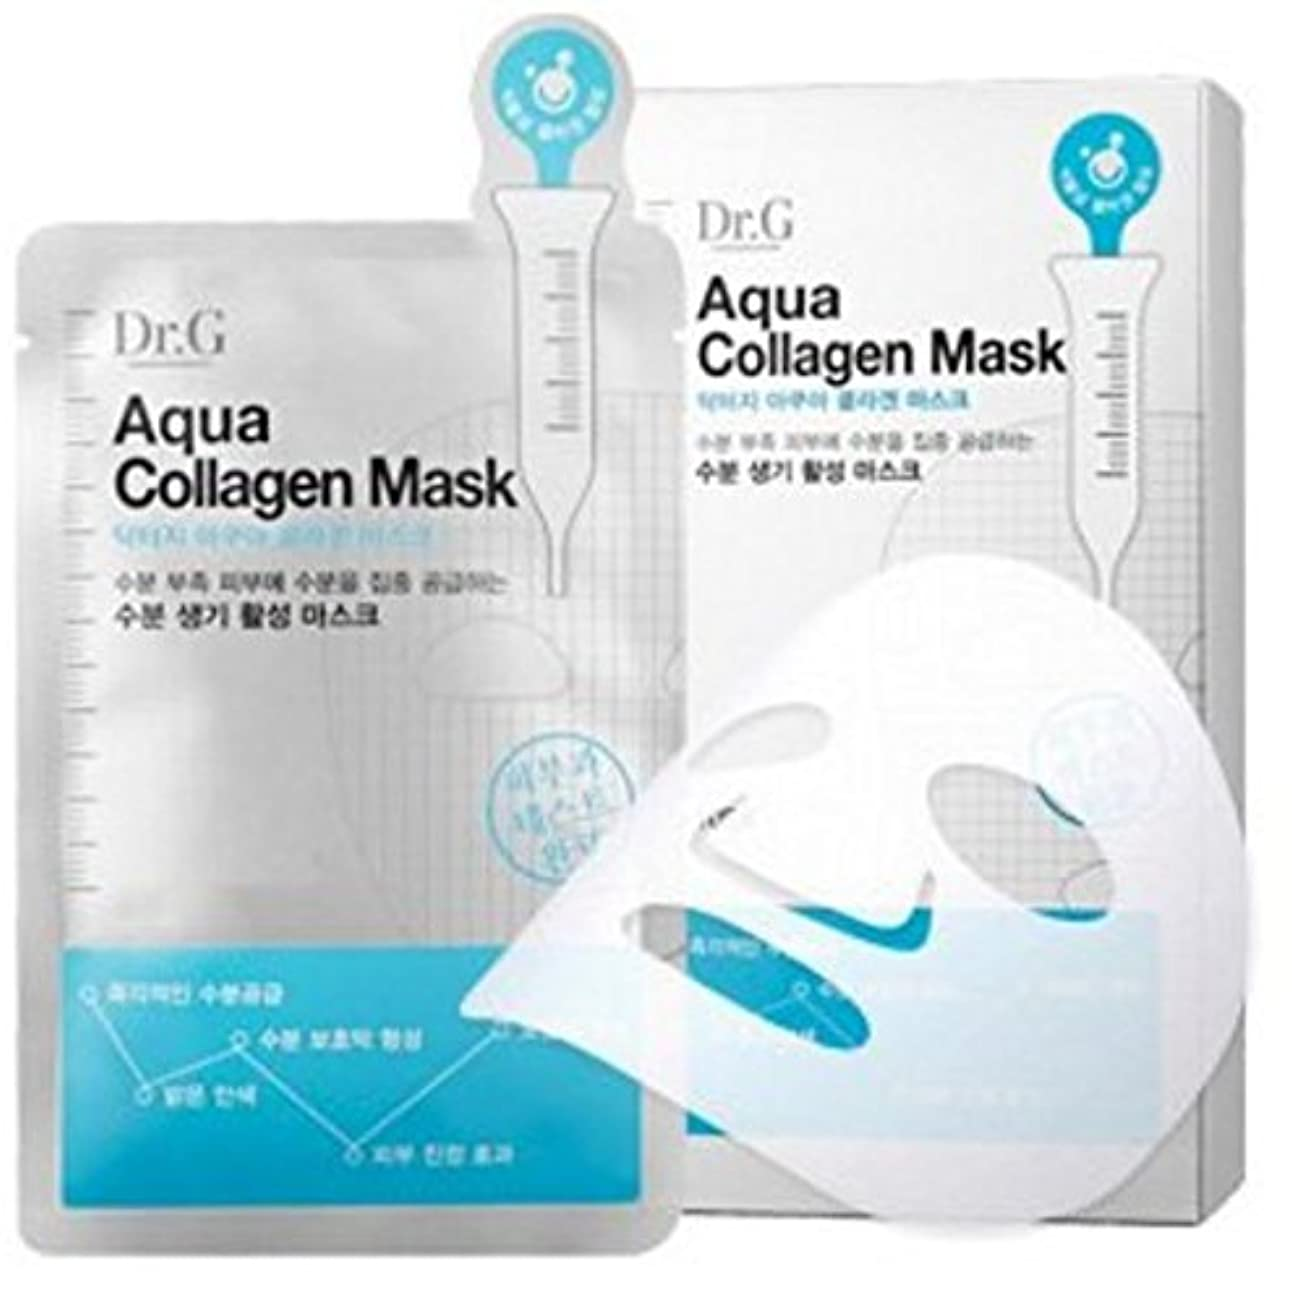 アスレチック振り返る引数Dr. G [ドクター ジー] アクア コラーゲン マスク 10枚 [並行輸入品]